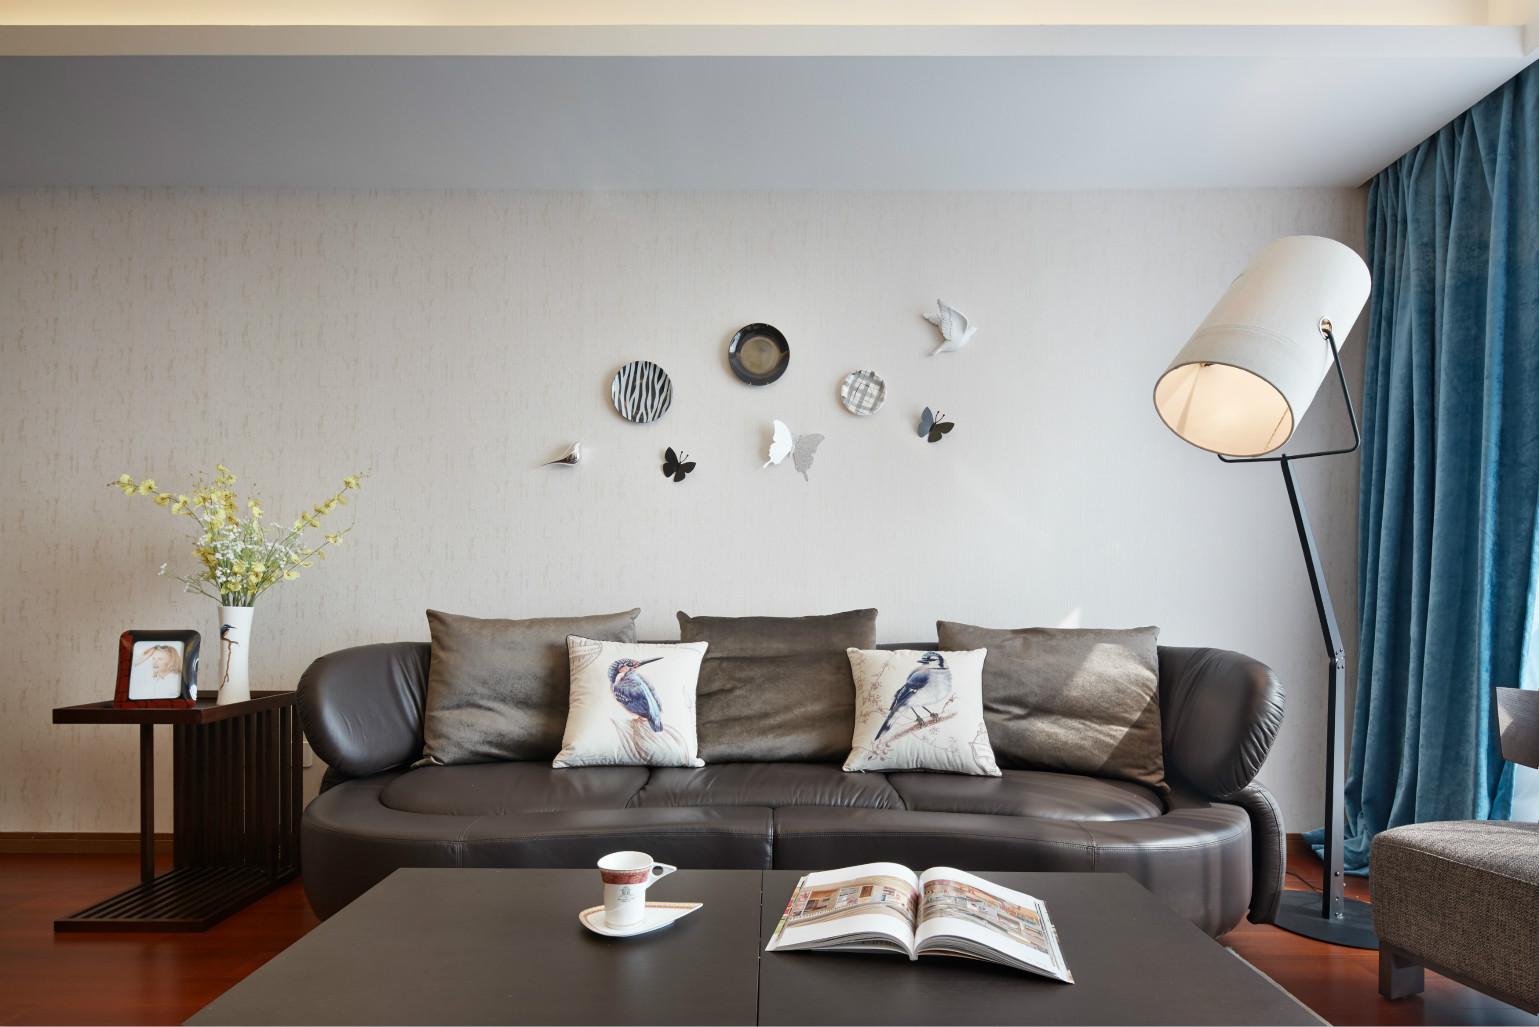 背景墙上则是挂置着艺术的碟子以及蝴蝶的装饰,很是舒心别致